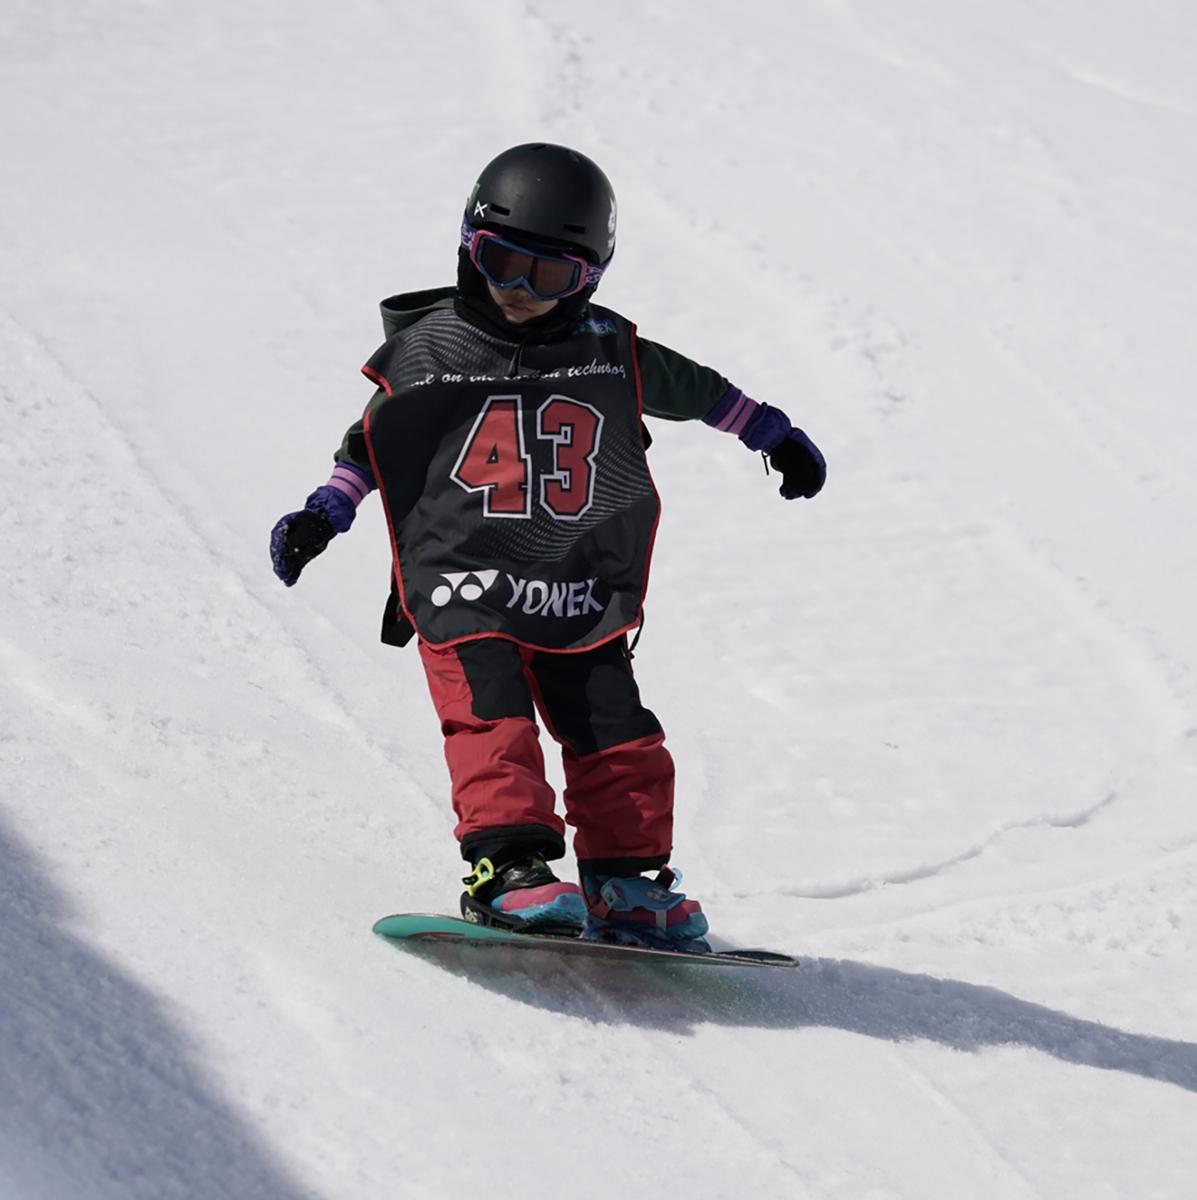 今大会最年少出場のフルヤマウノ選手。高いところでのターンを目標に頑張っていた